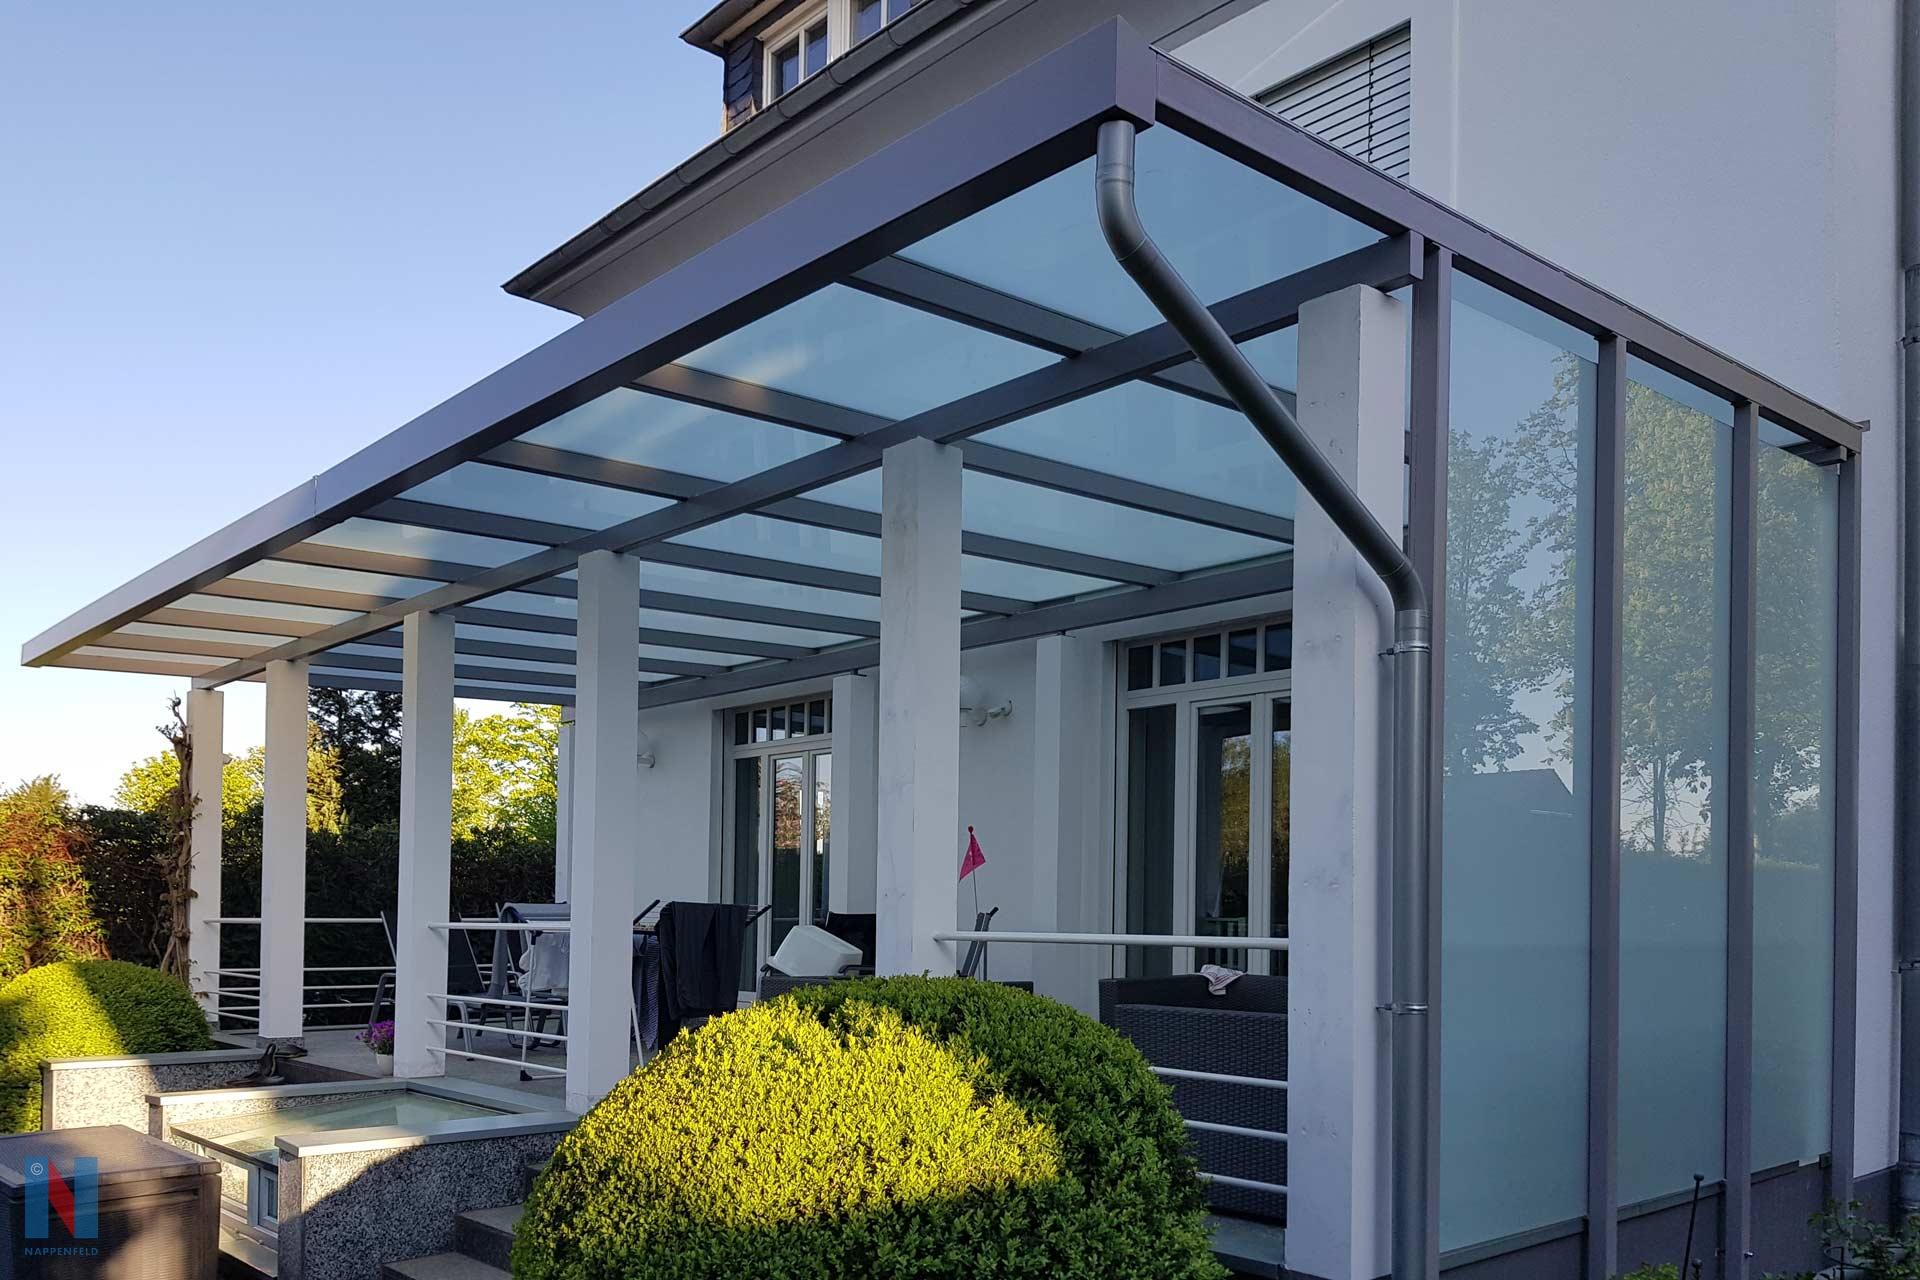 Großes Vordach in Ratingen, konzipiert und realisiert von der Edelstahlschlosserei Nappenfeld aus Mühlheim